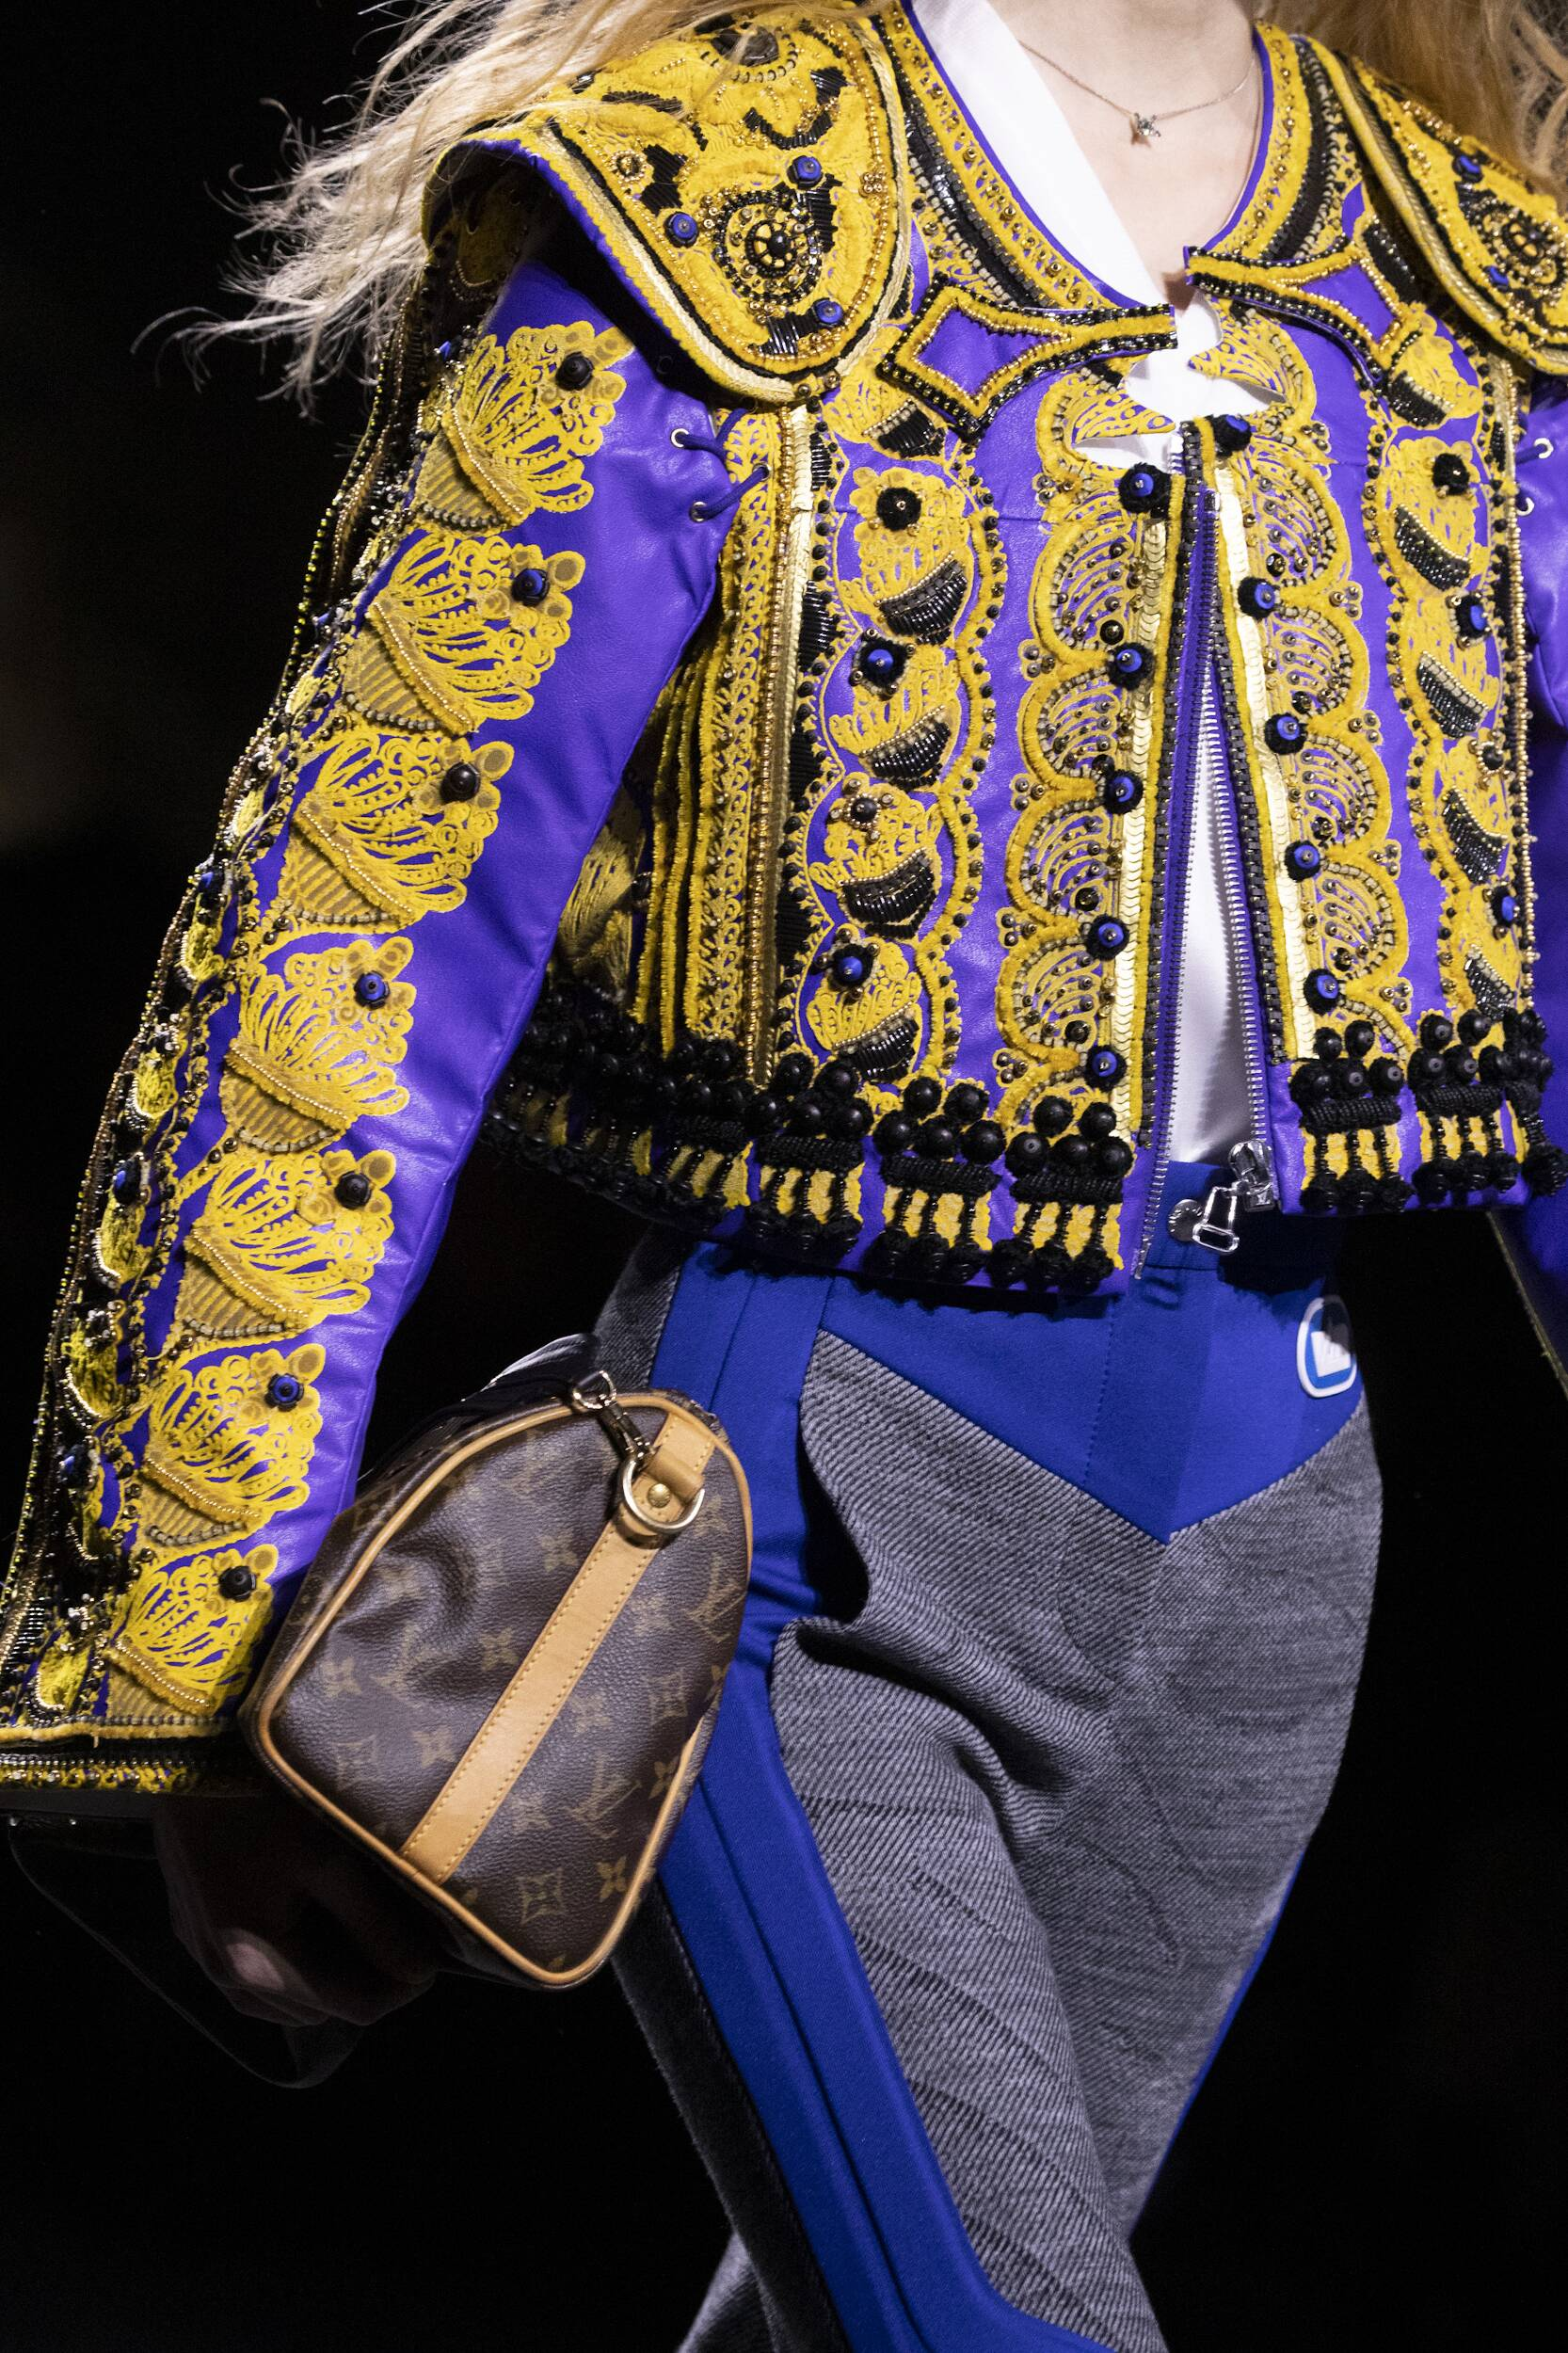 Louis Vuitton Bag 2020 Collection